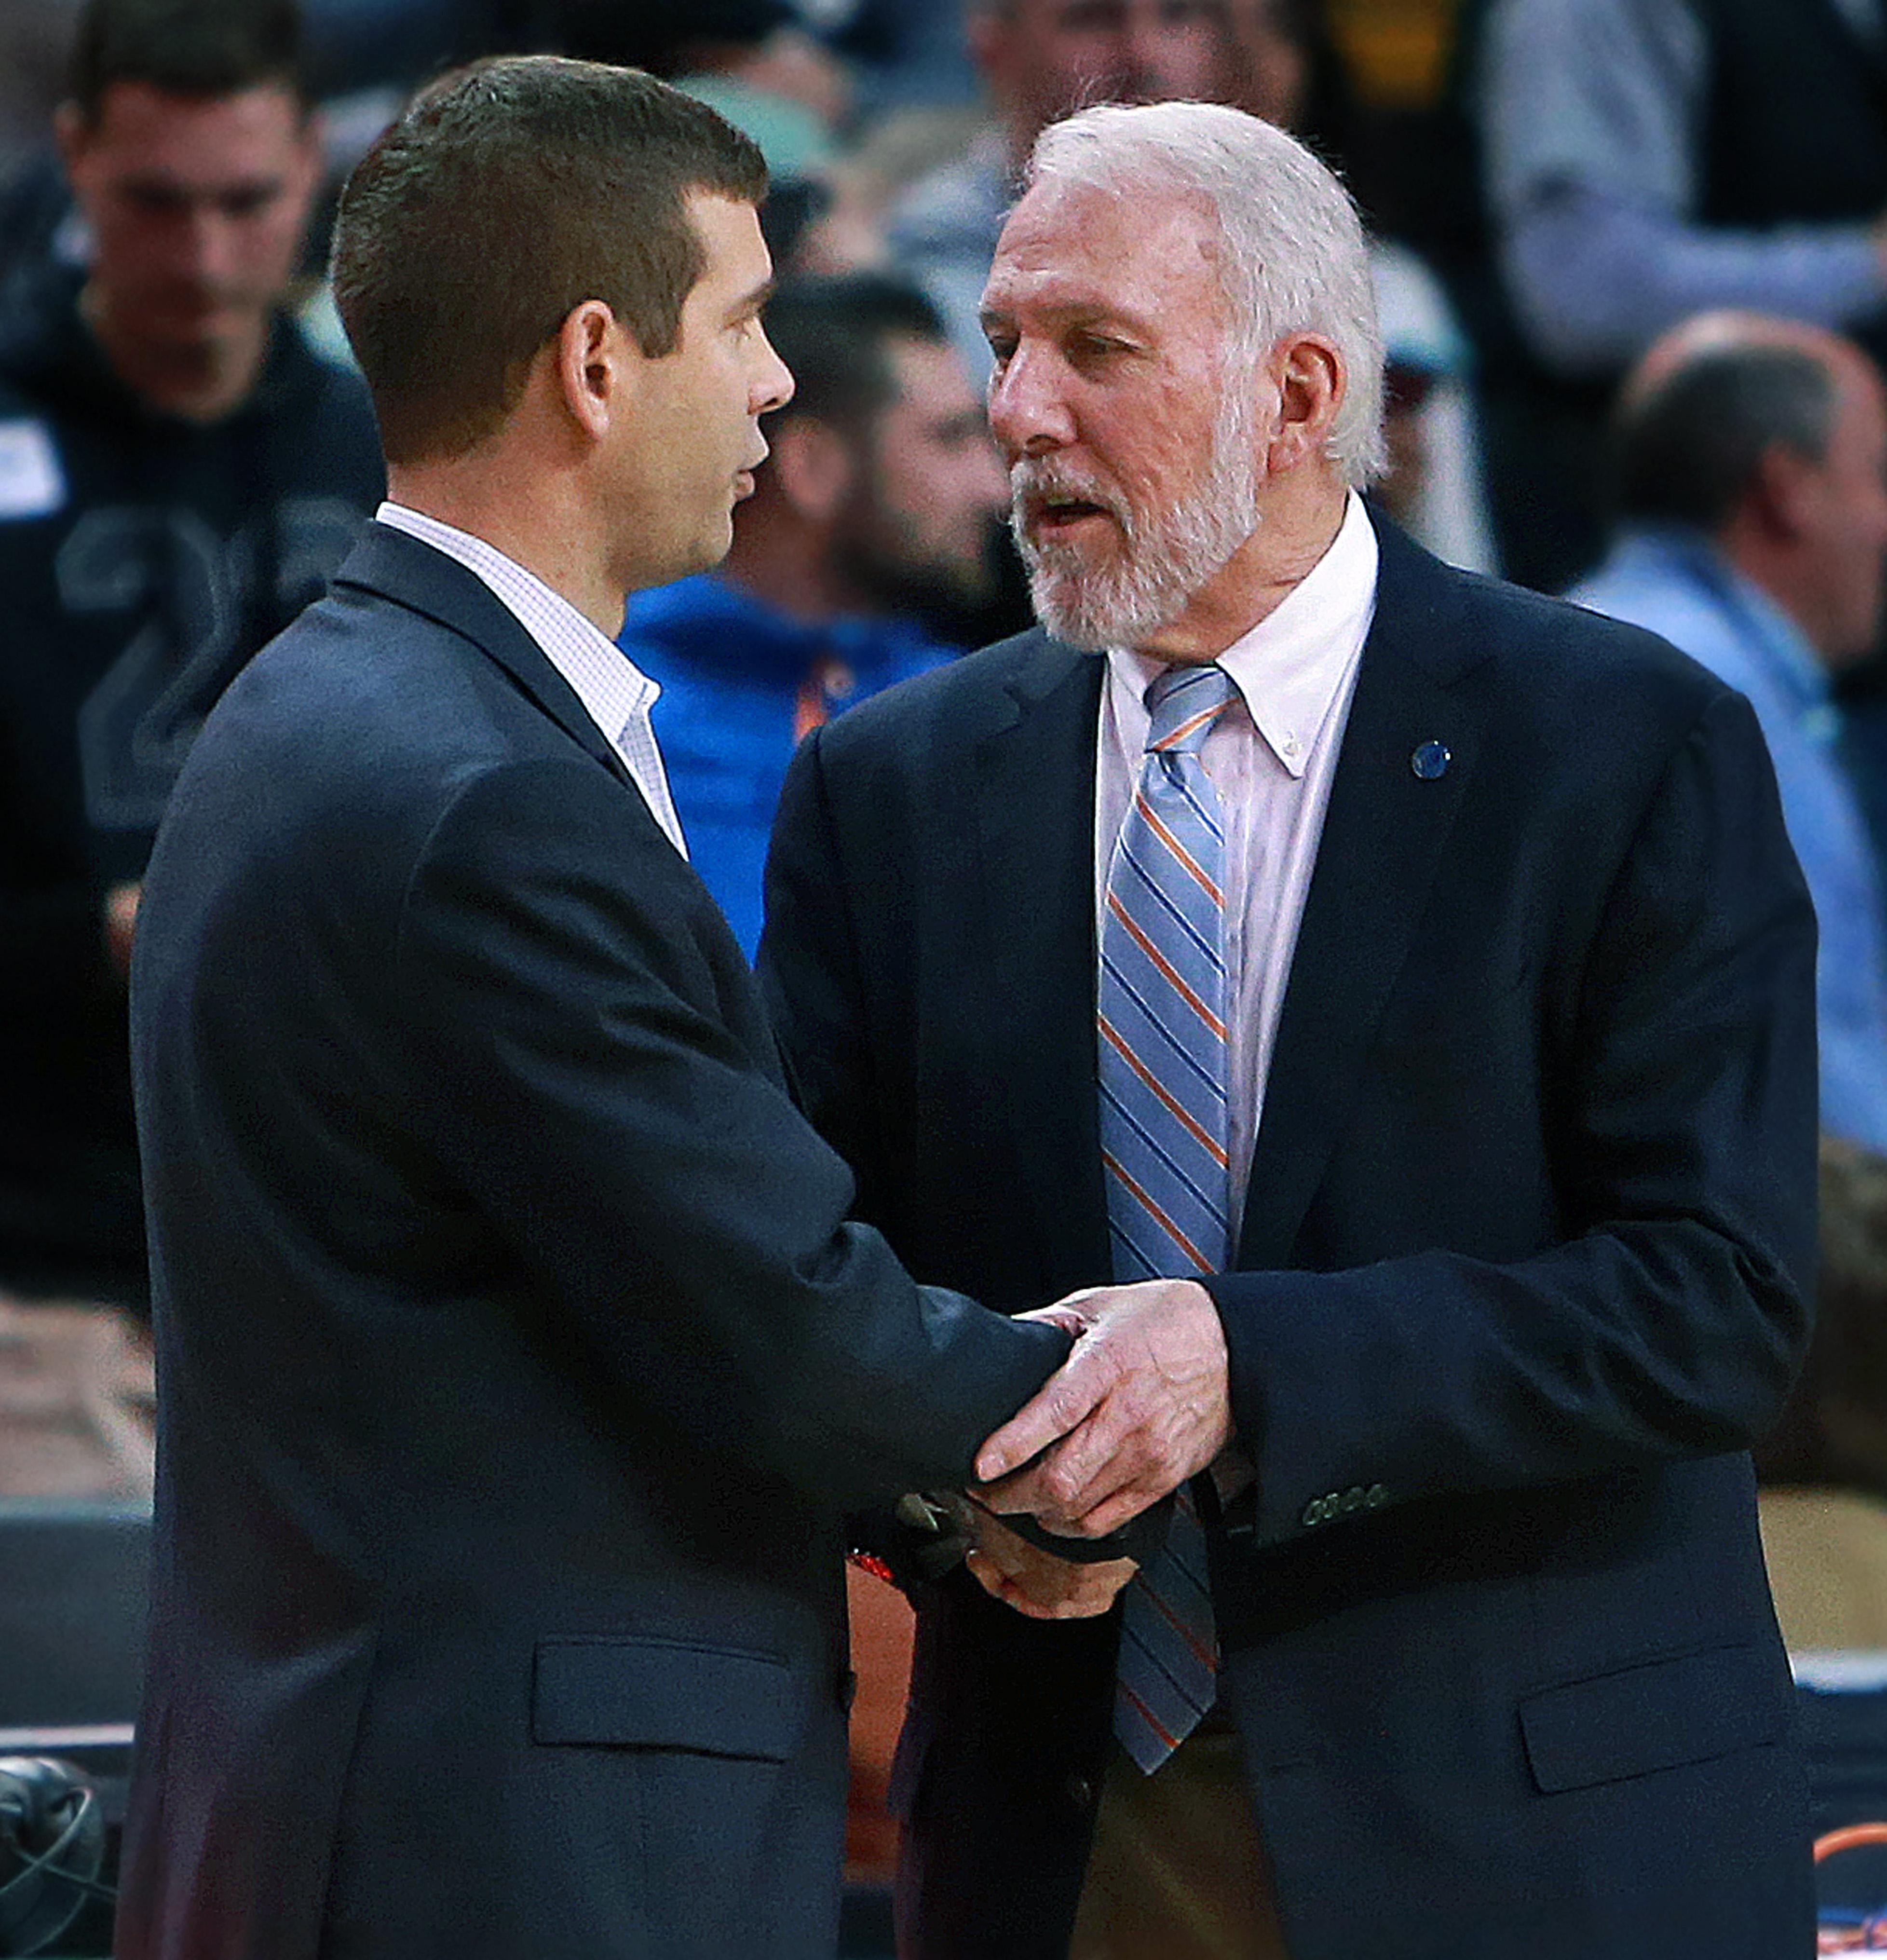 San Antonio Spurs Vs Boston Celtics At TD Garden